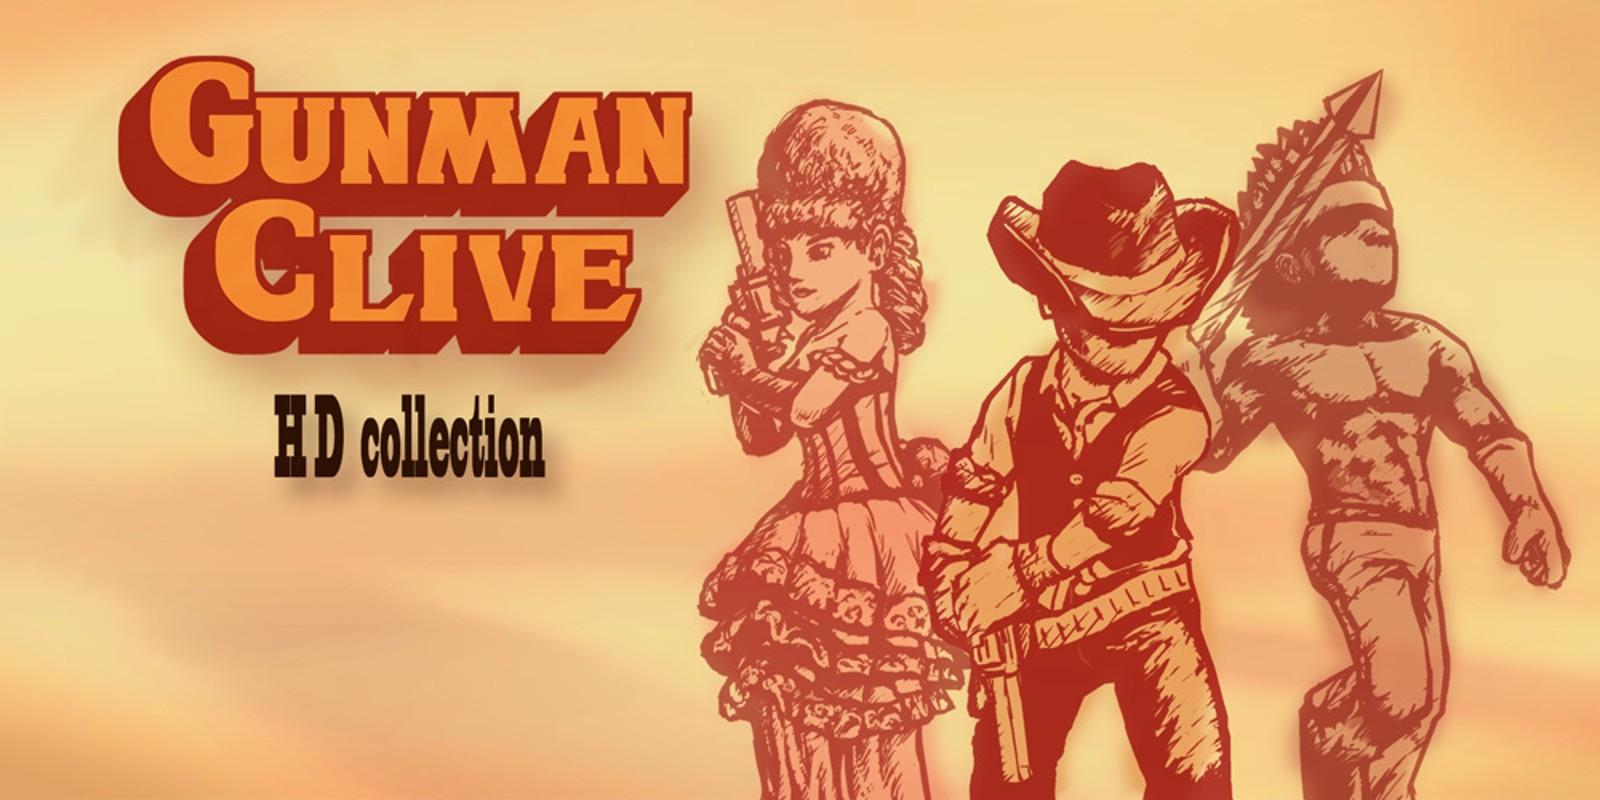 Gunman Clive HD Collection está confirmado para o Switch